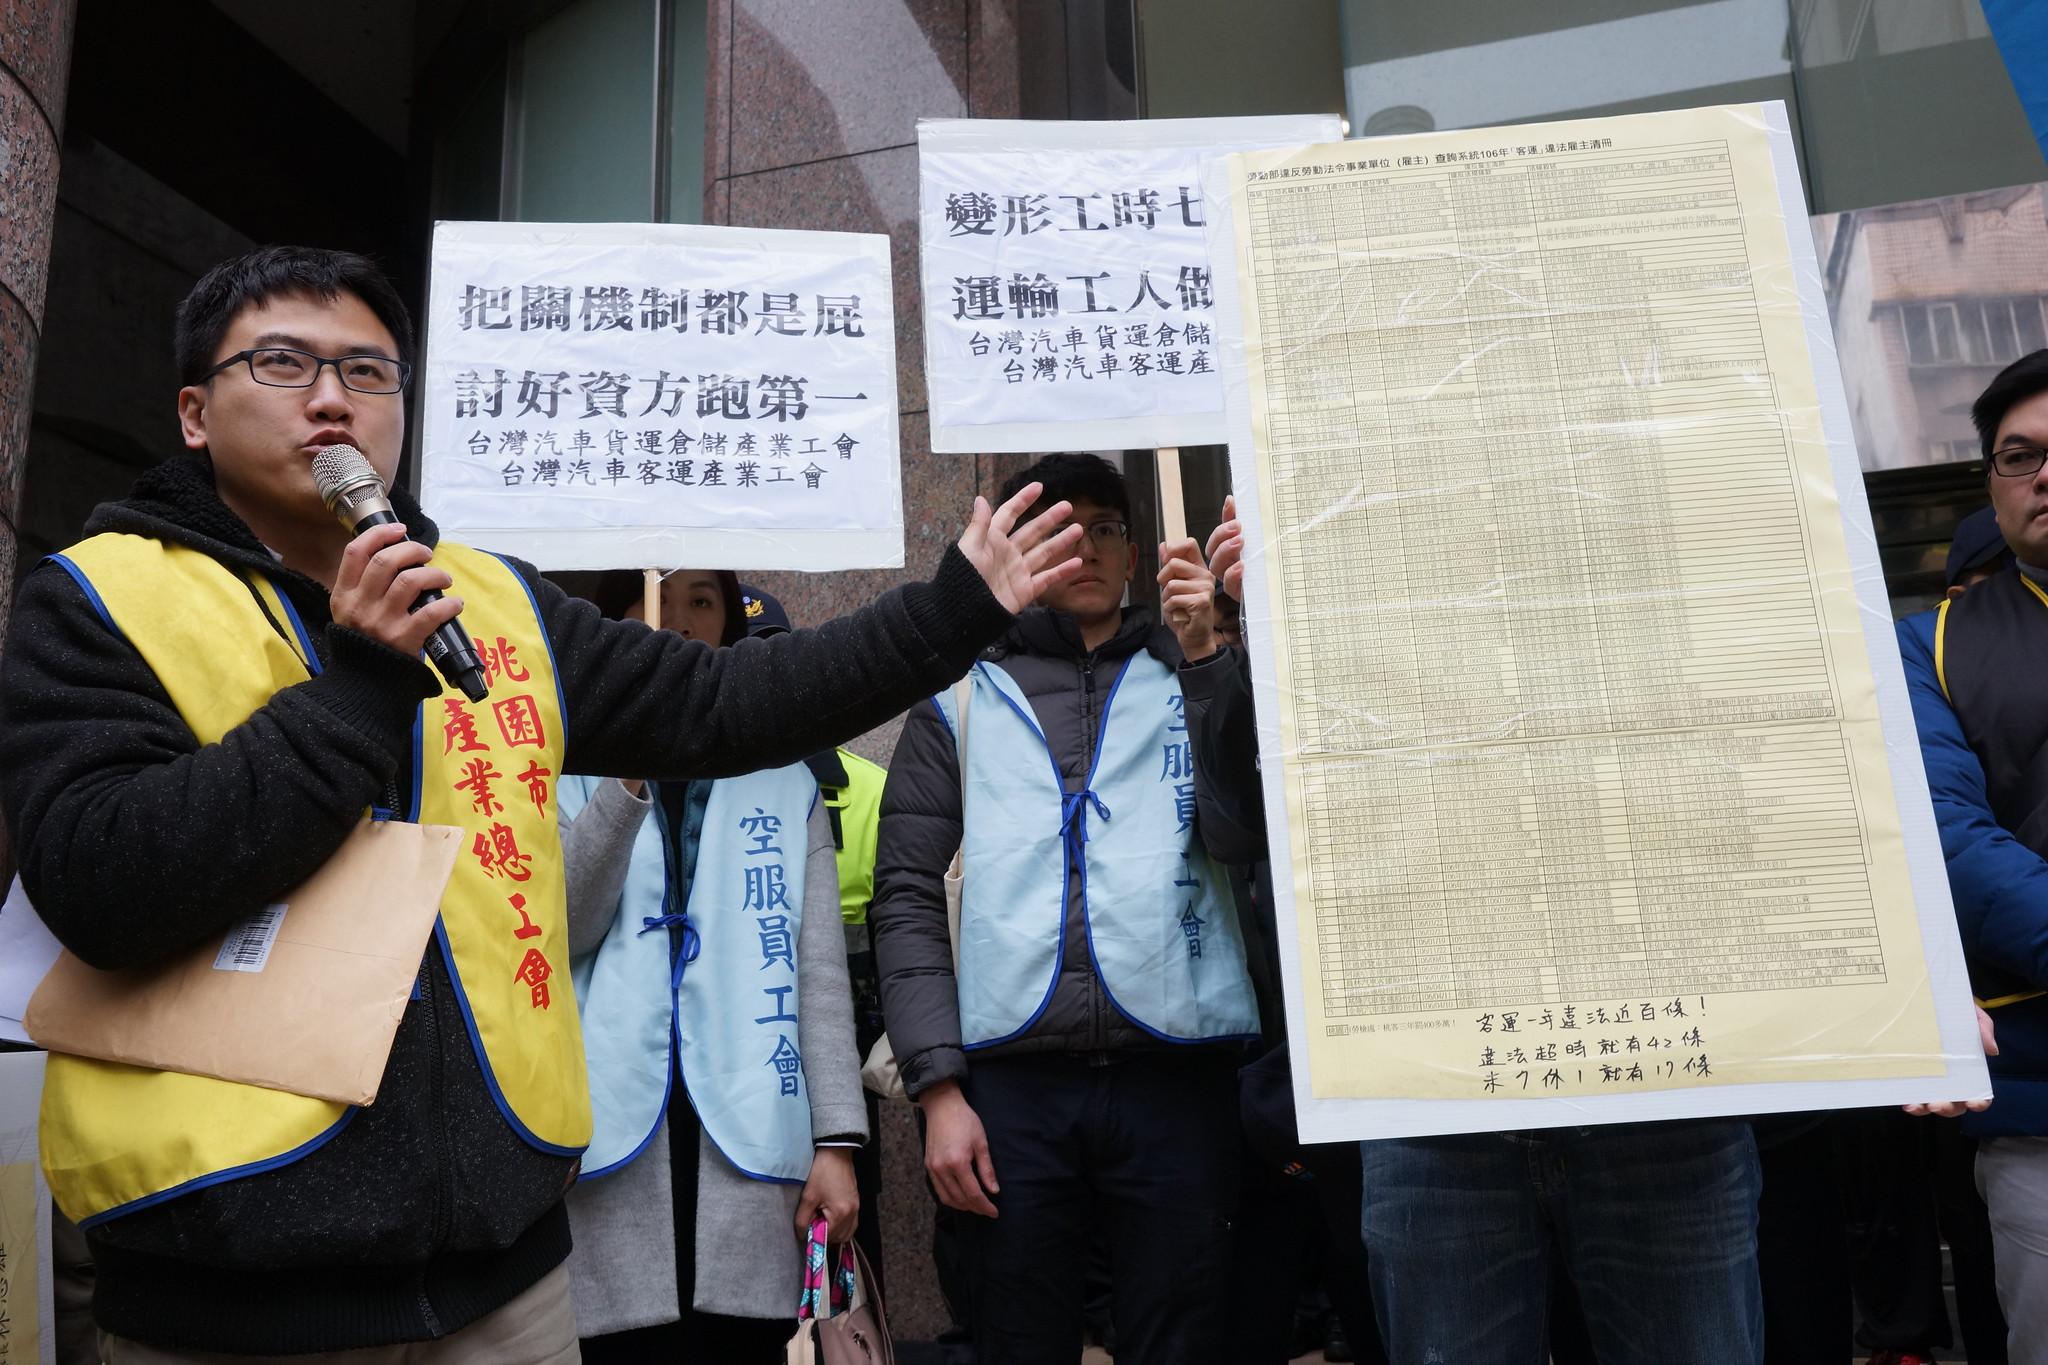 工會現場公布去年度勞動部統計的違法雇主清冊,客運業就有100筆的違法紀錄。(攝影:王顥中)